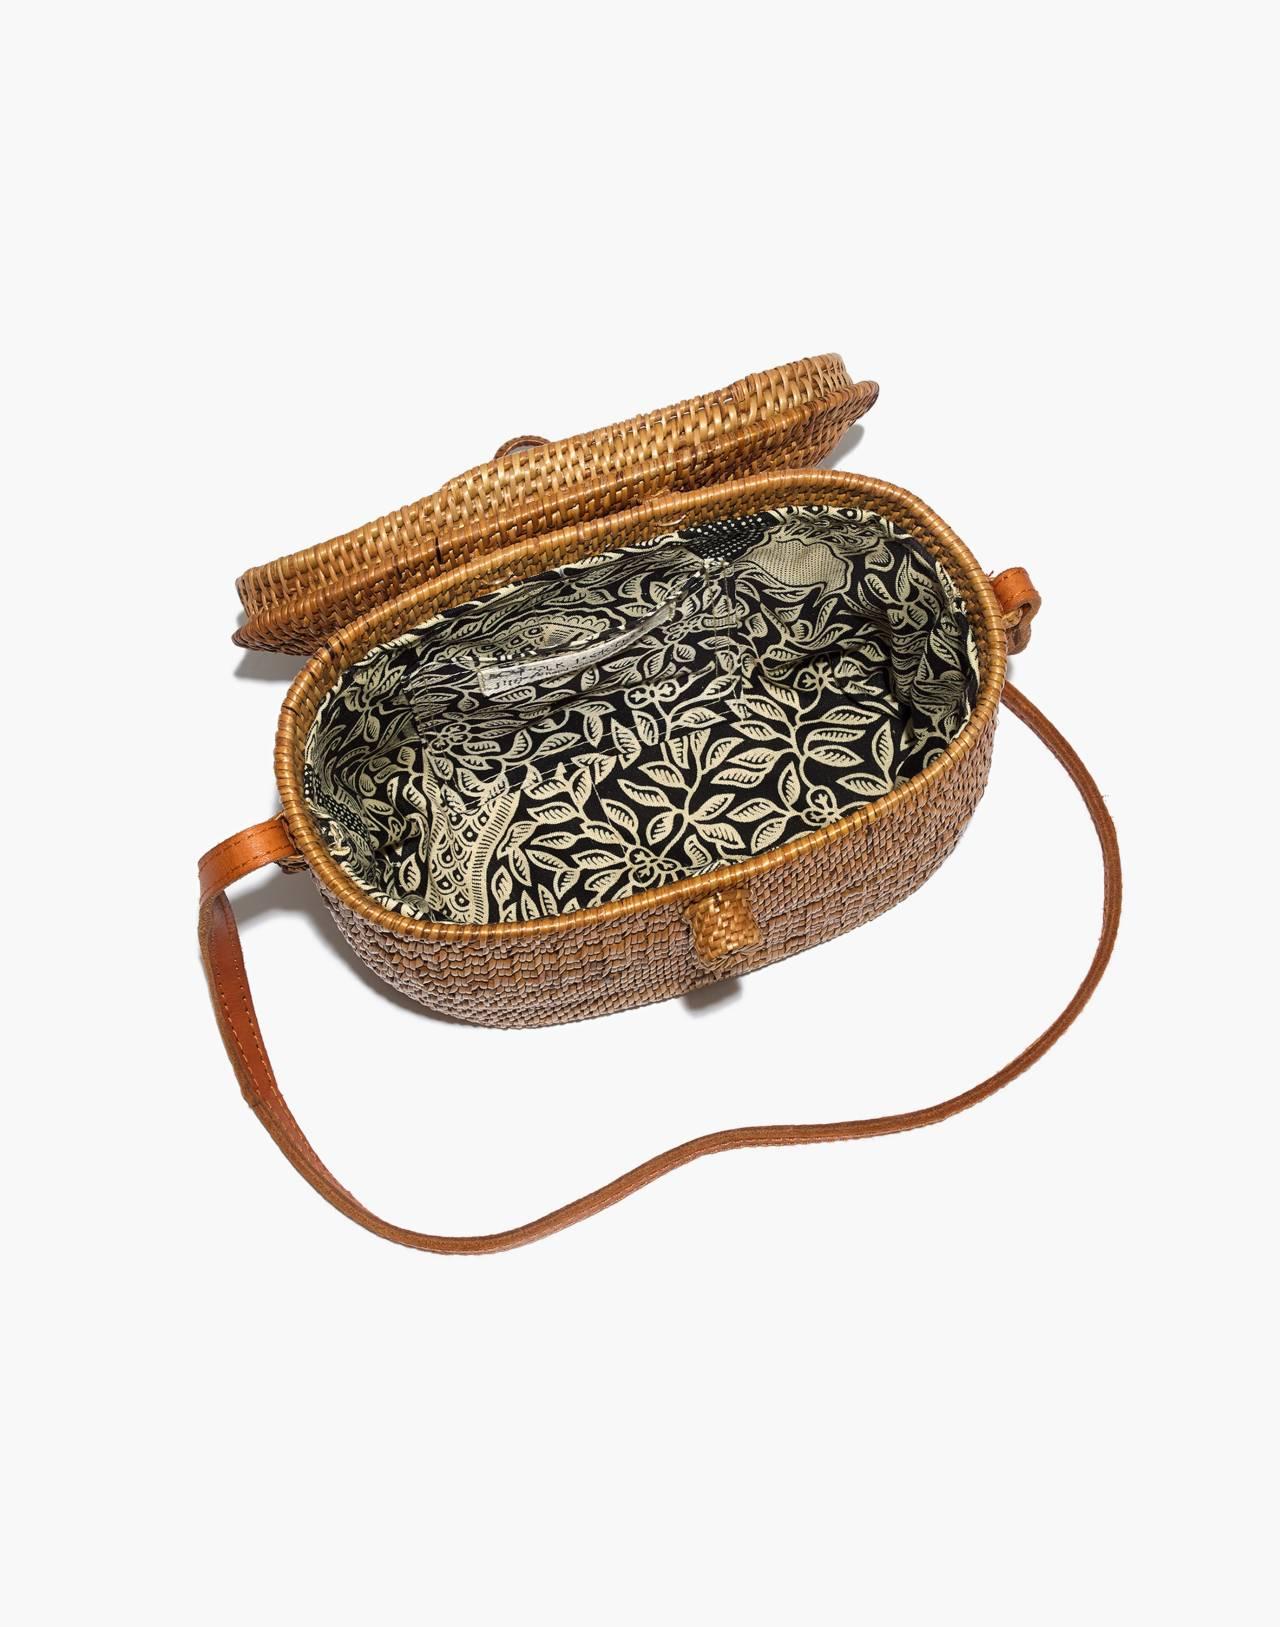 Folk Fortune Bali Rattan Top-Lid Bag in rattan image 3